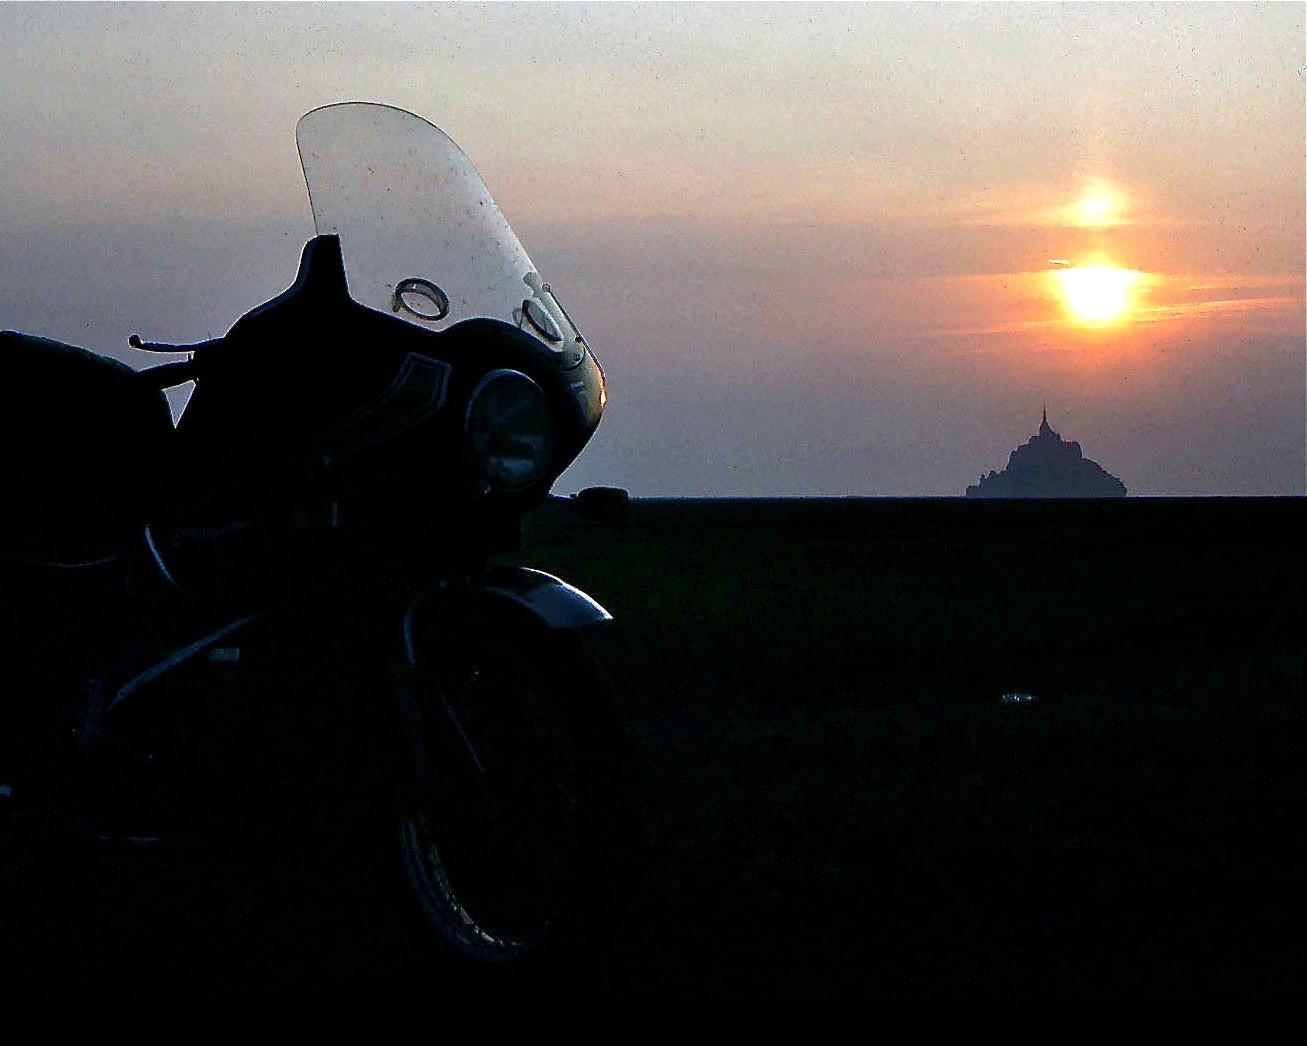 motorcycle0022.jpeg